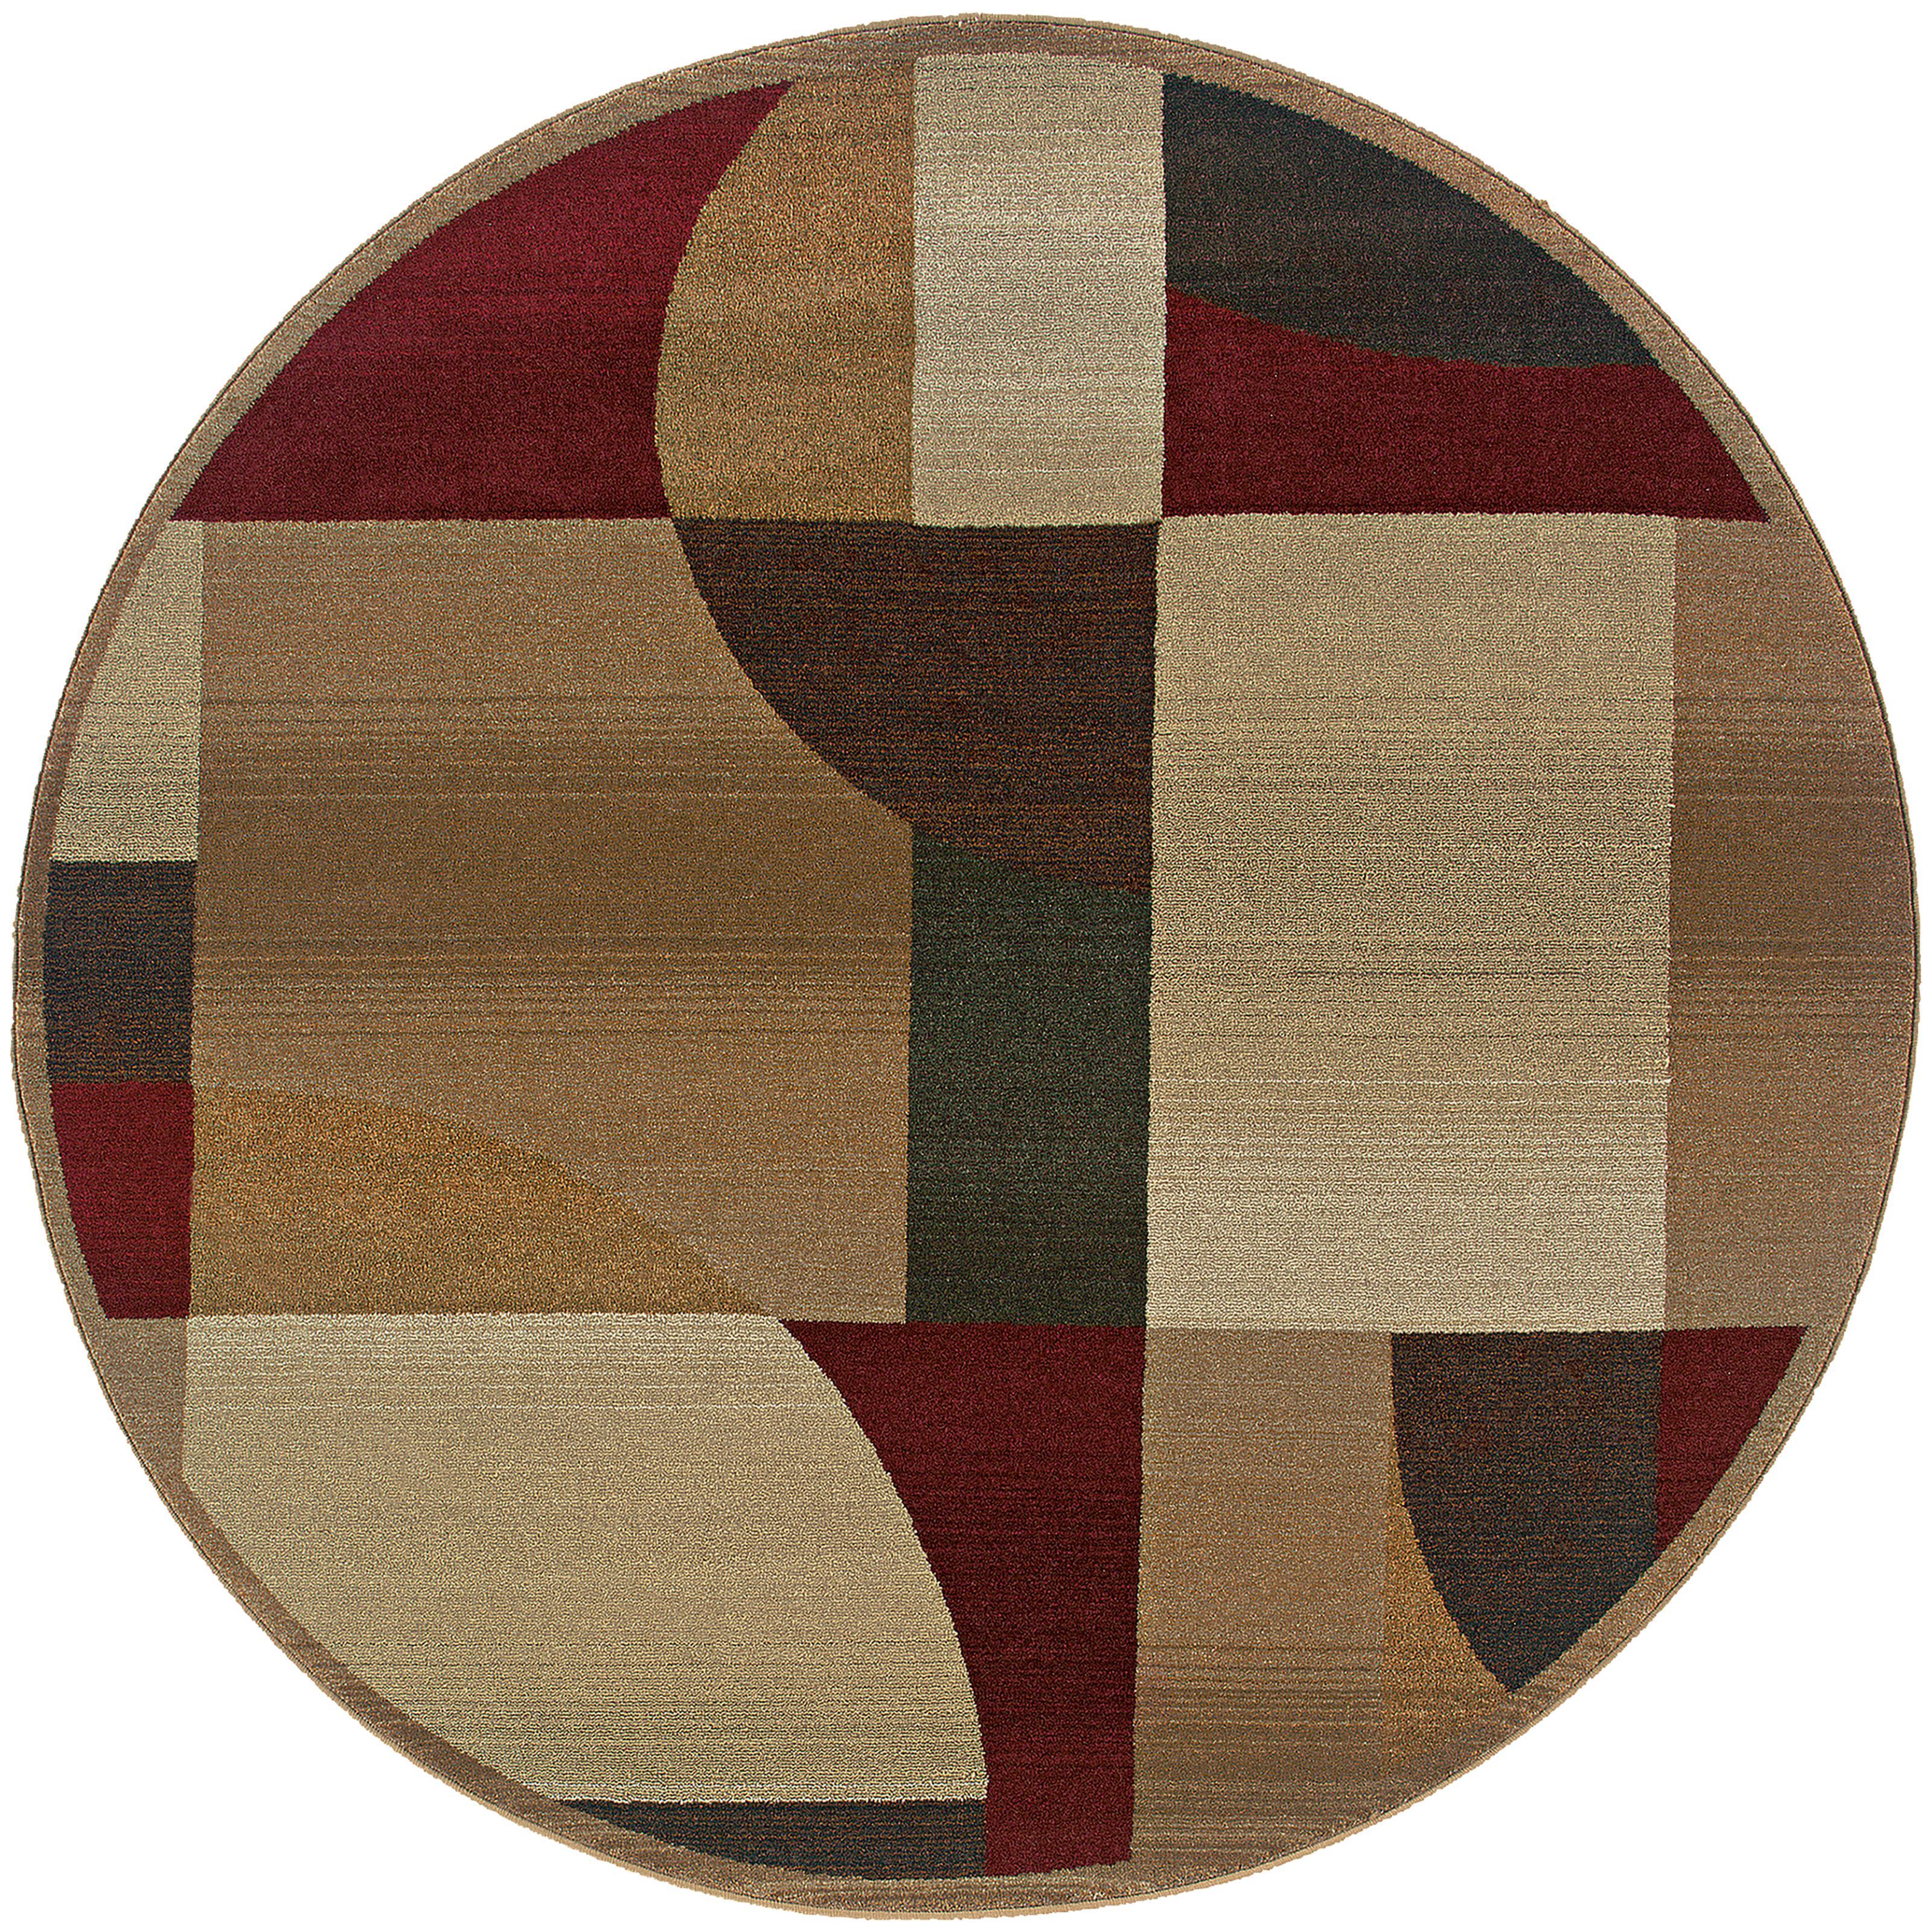 Oriental Weavers Genesis 6' Rug - Item Number: G5560D180180ST